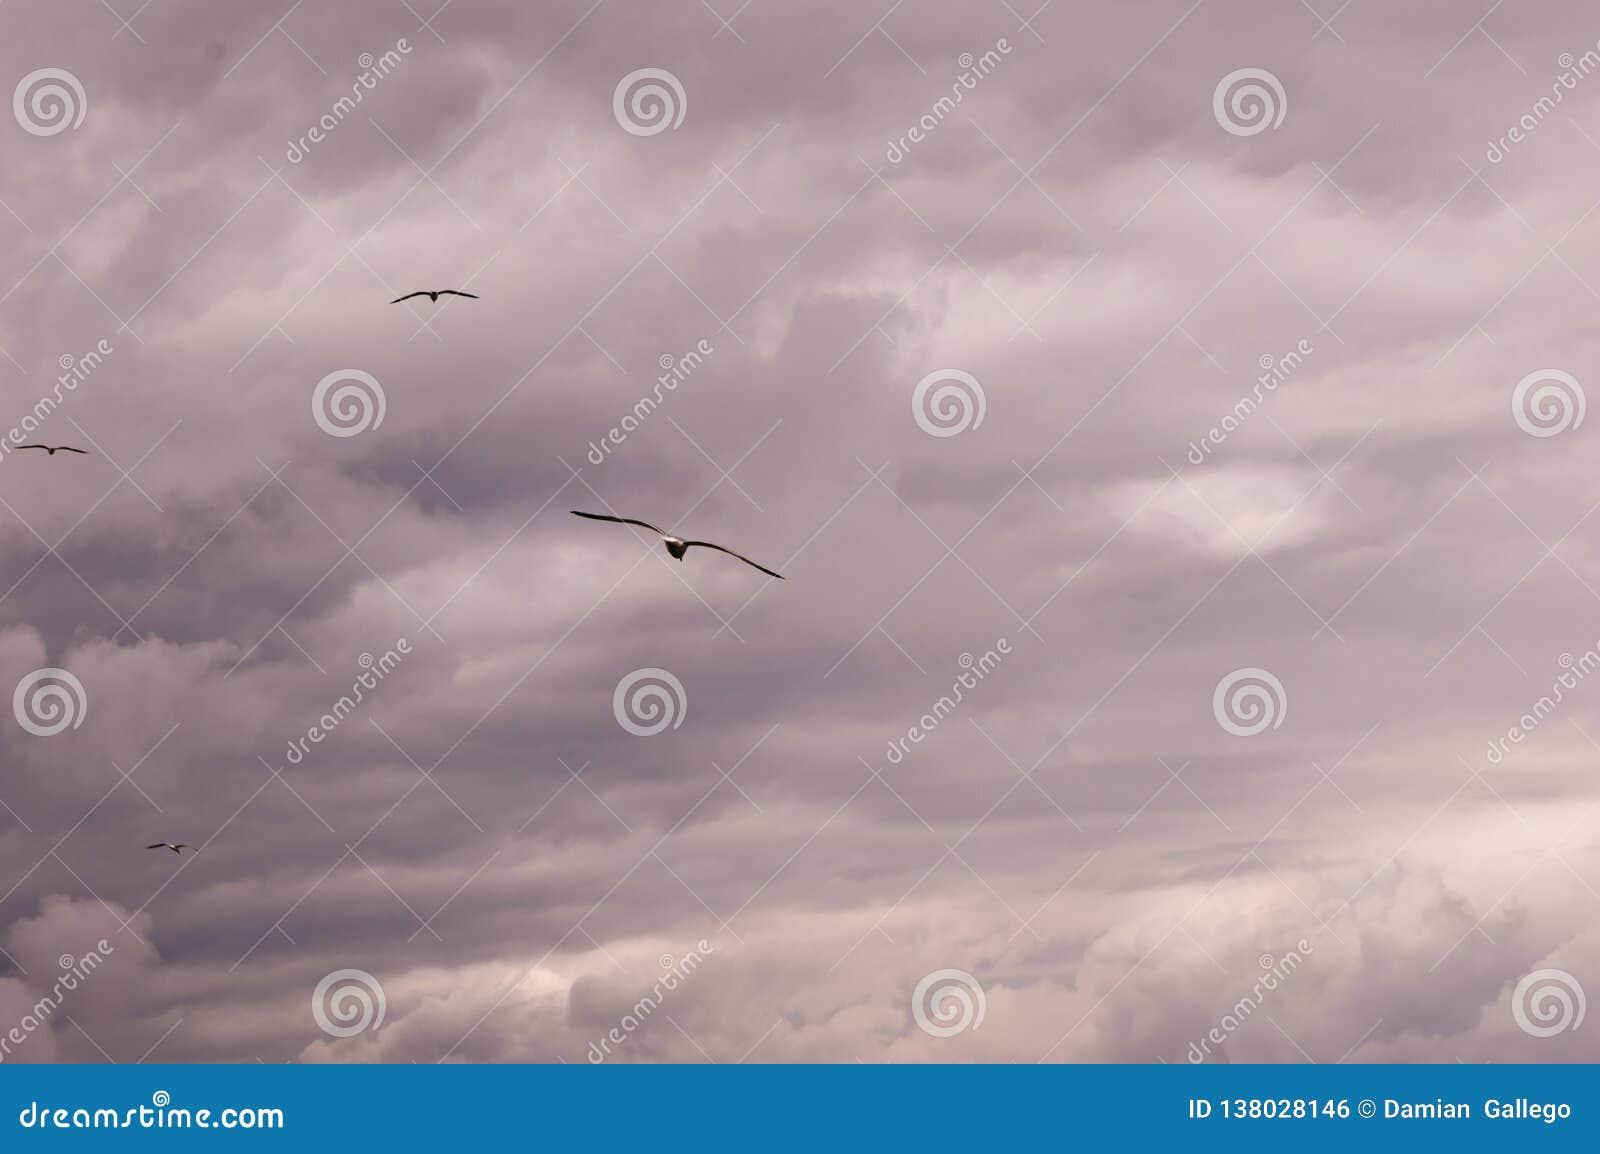 Panorama van een groep zeemeeuwen die tegen een stormachtige hemel vliegen -hemel-scape